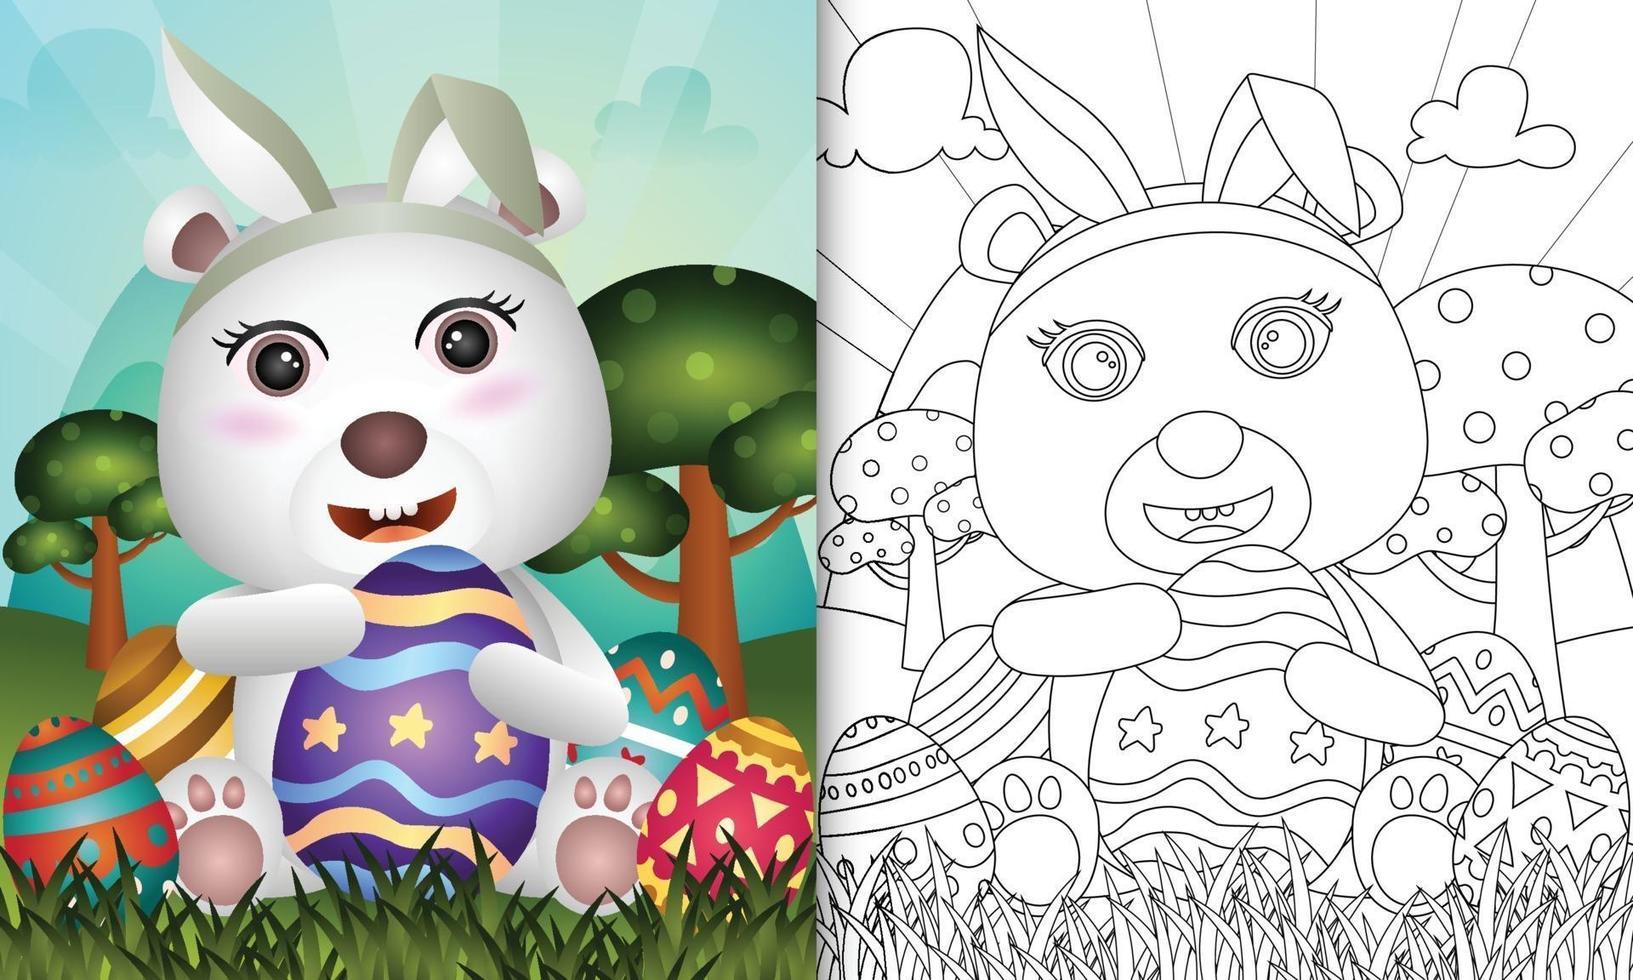 Malbuch für Kinder themenorientierte Ostern mit einem niedlichen Eisbären, der Hasenohren trägt vektor